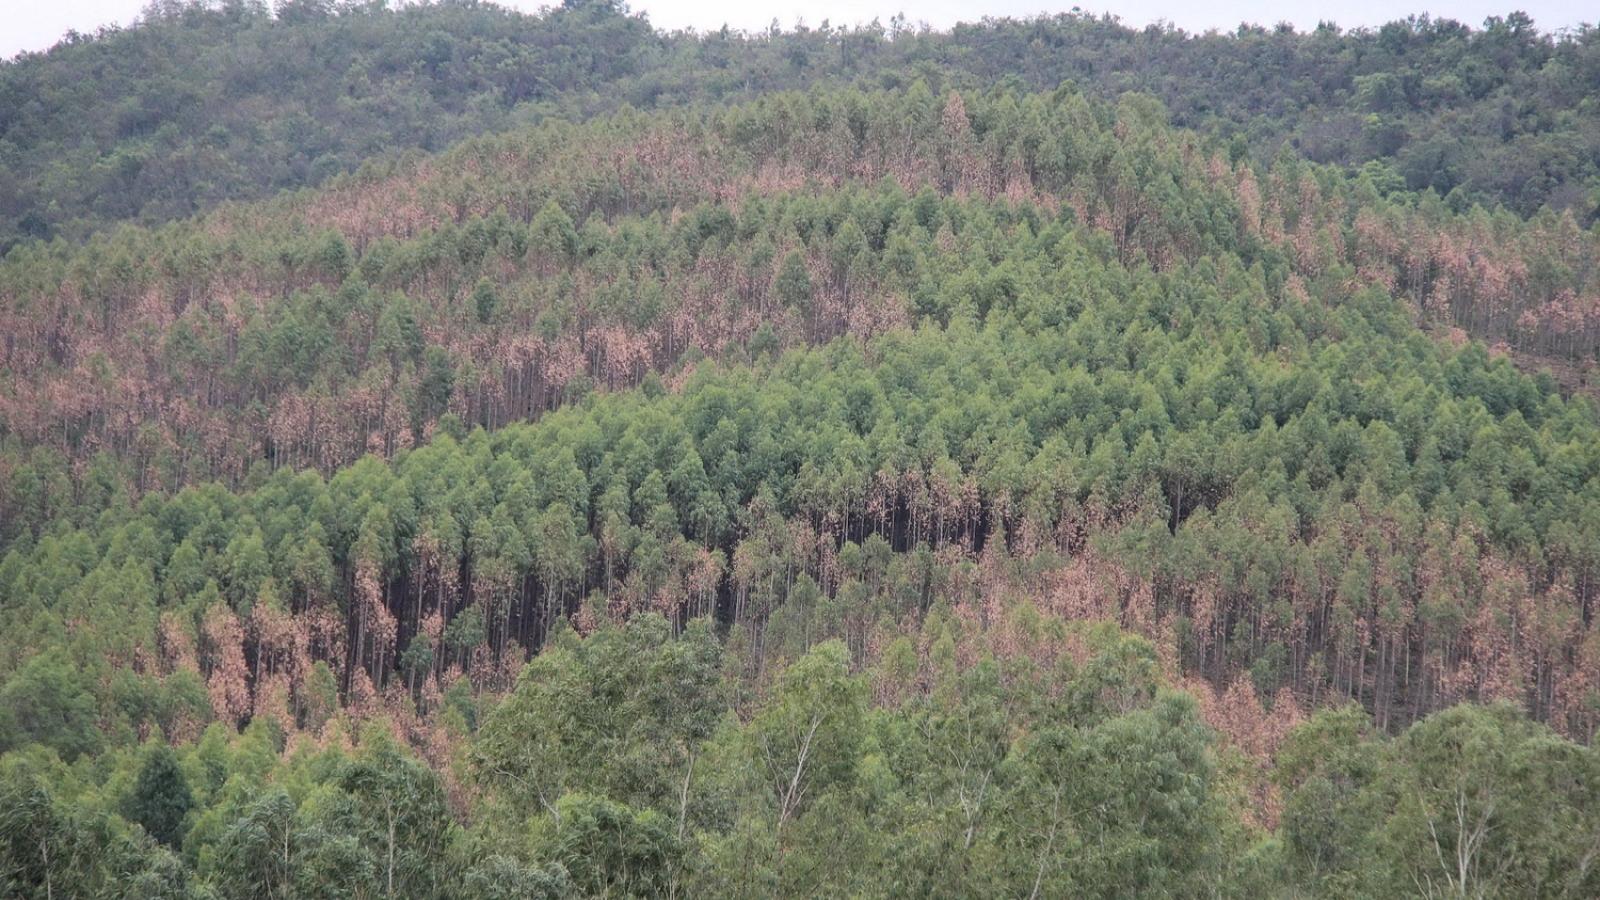 Nâng cao ý thức về phòng, chống cháy rừng của chủ rừng, người dân sống ven rừng